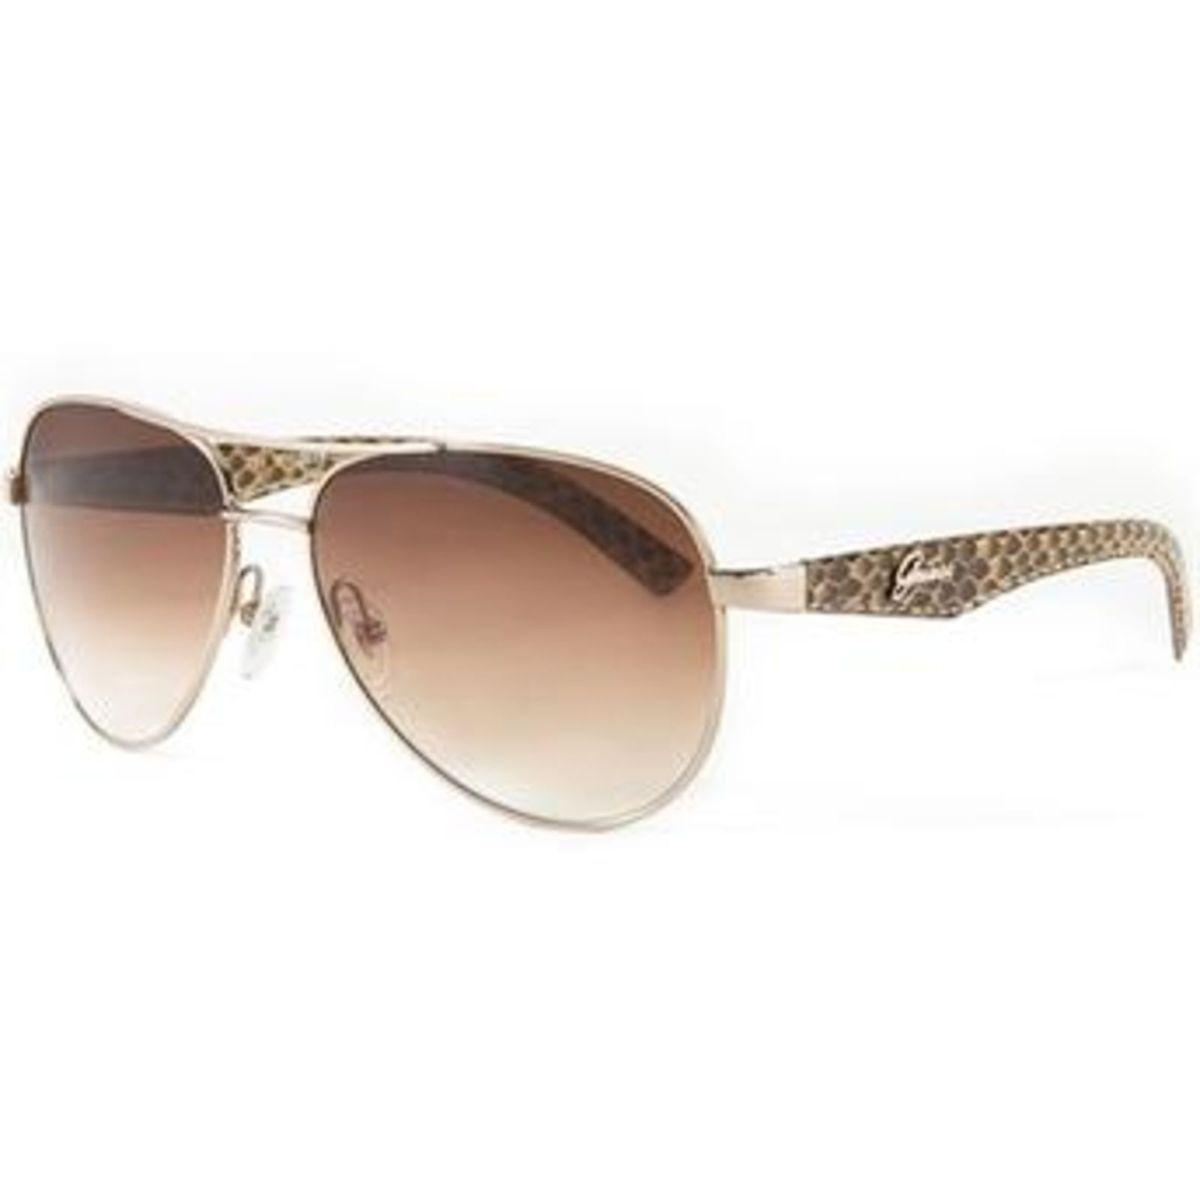 1103ae498 Óculos de Sol Aviador Guess | Óculos Feminino Guess Usado 26963946 | enjoei